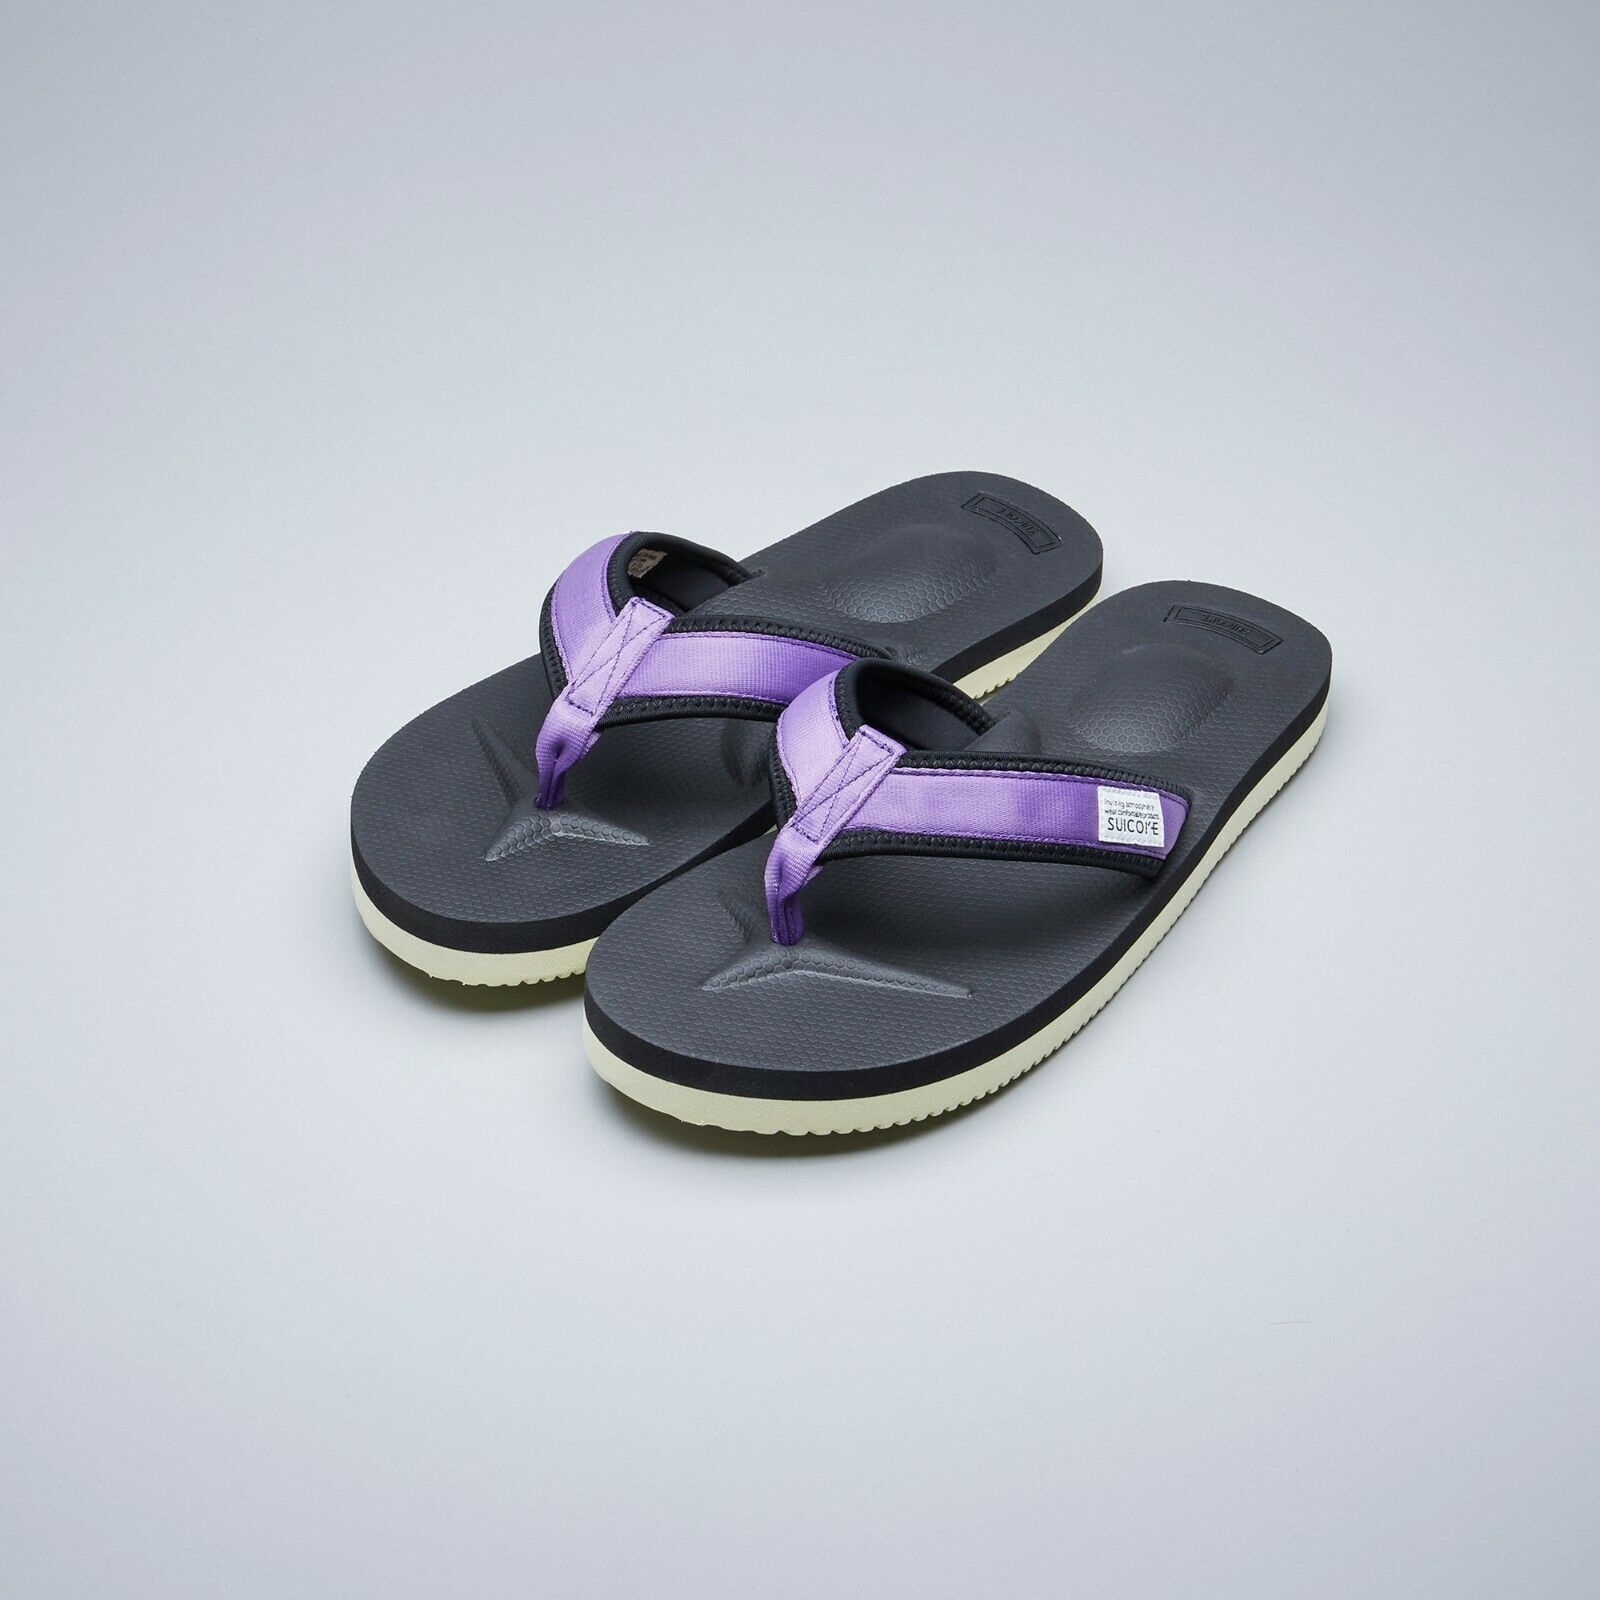 Suicoke OG -021V2   TONO -V2 lila Nylon Vibram Sole Slippers Sandaler